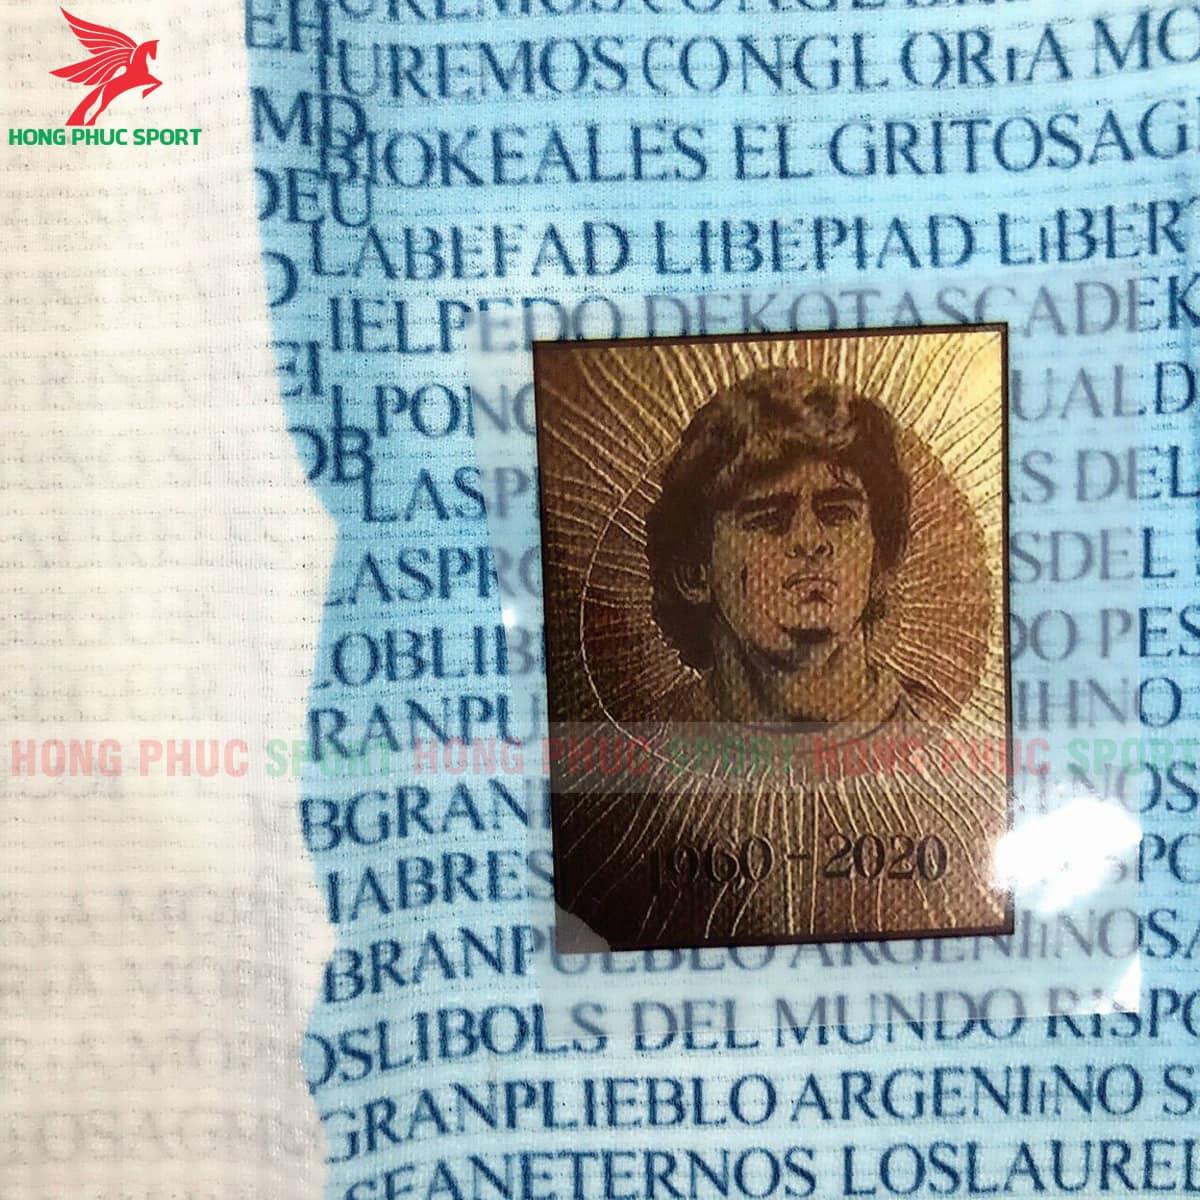 ao-bong-da-argentina-2021-san-nha-thailand-3